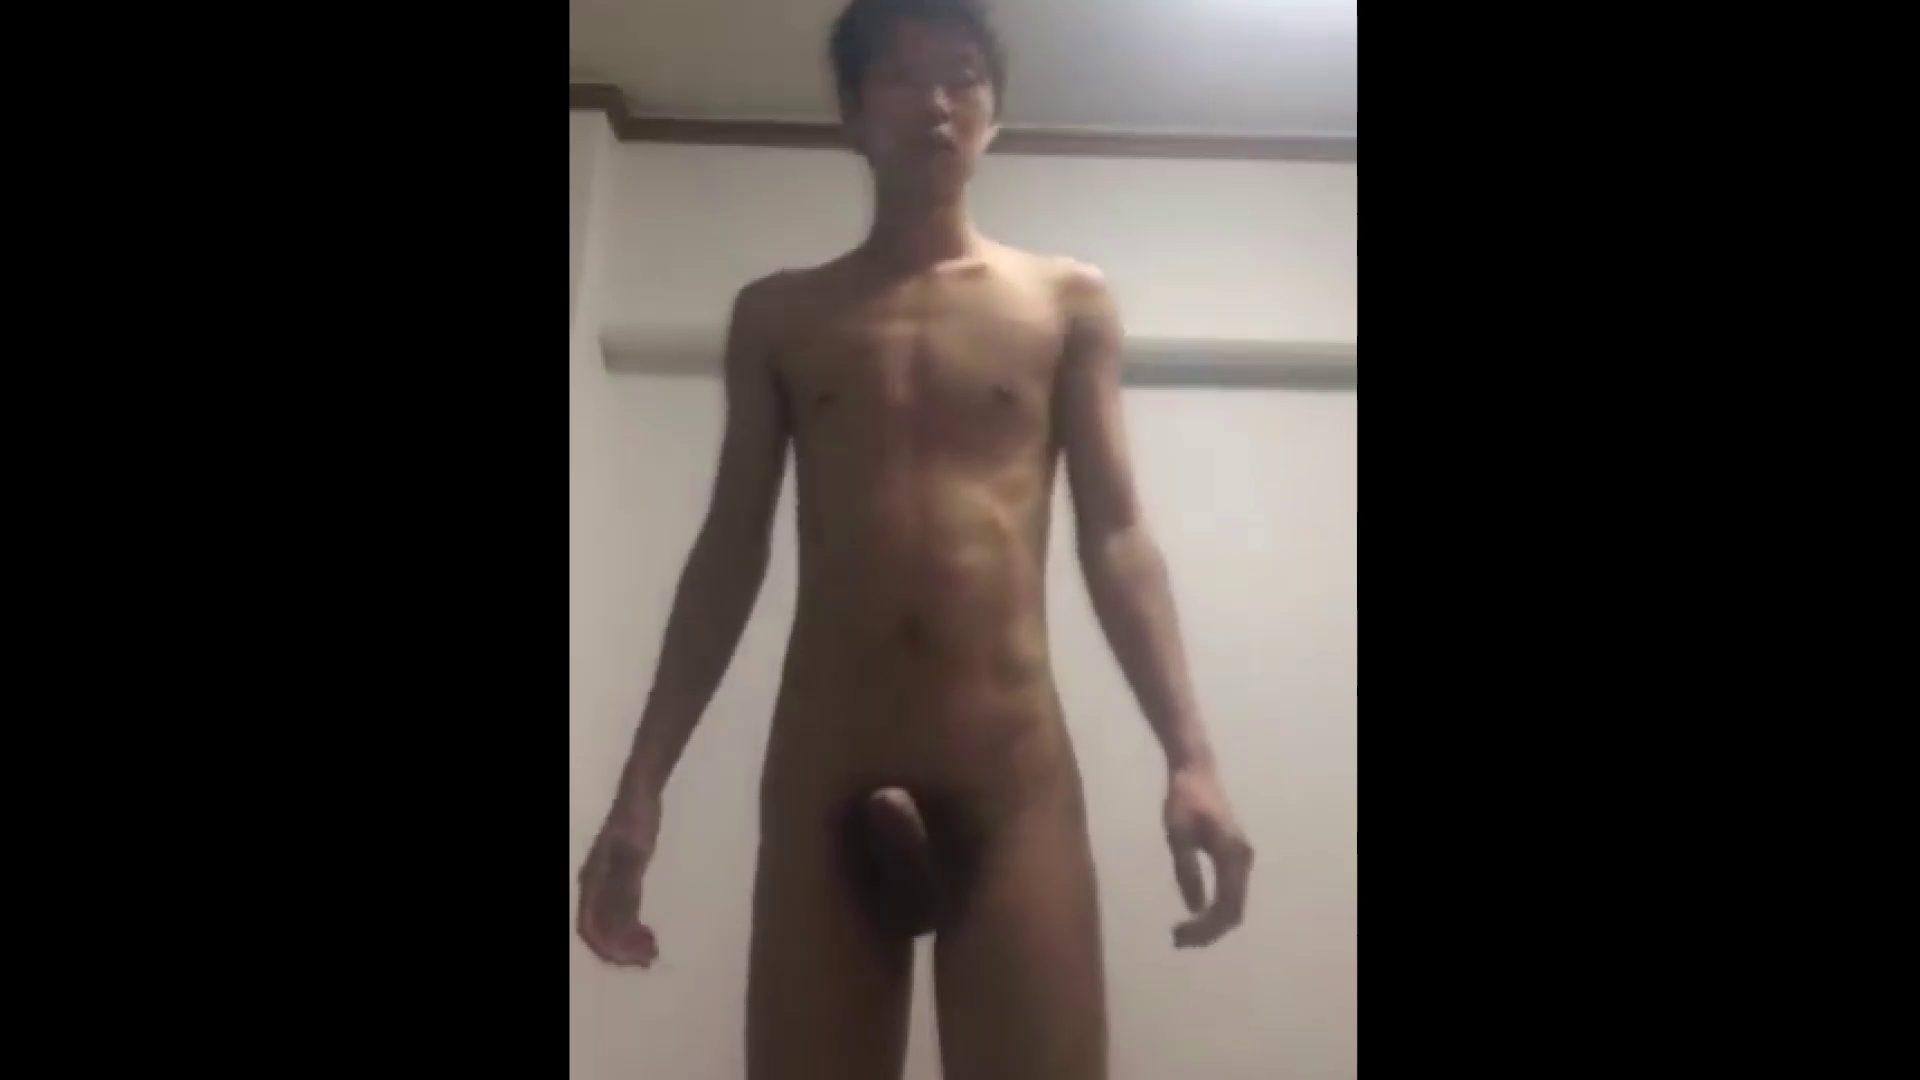 巨根 オナニー塾Vol.20 無修正 | オナニー エロビデオ紹介 65pic 21